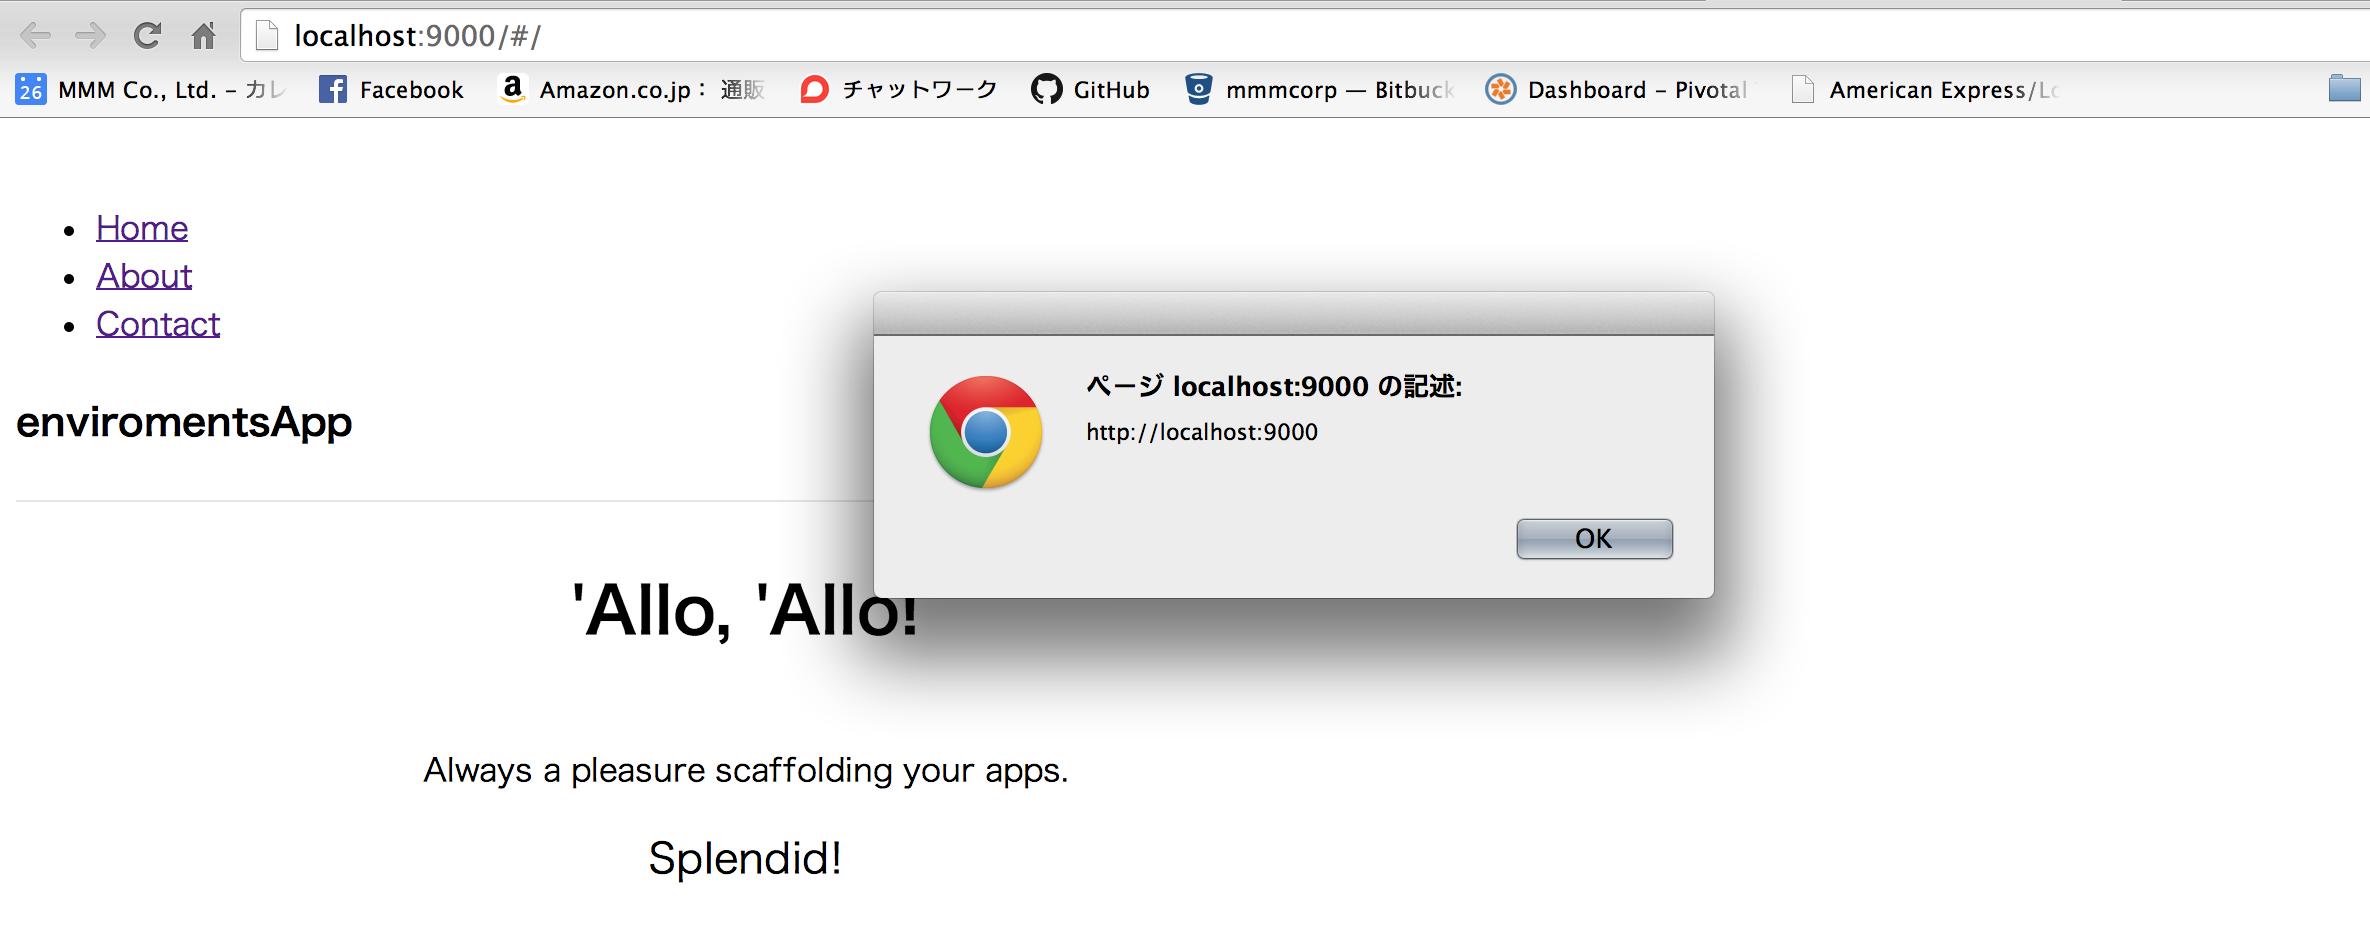 AngularJSとGruntで稼働環境によって接続先APIを切り替える